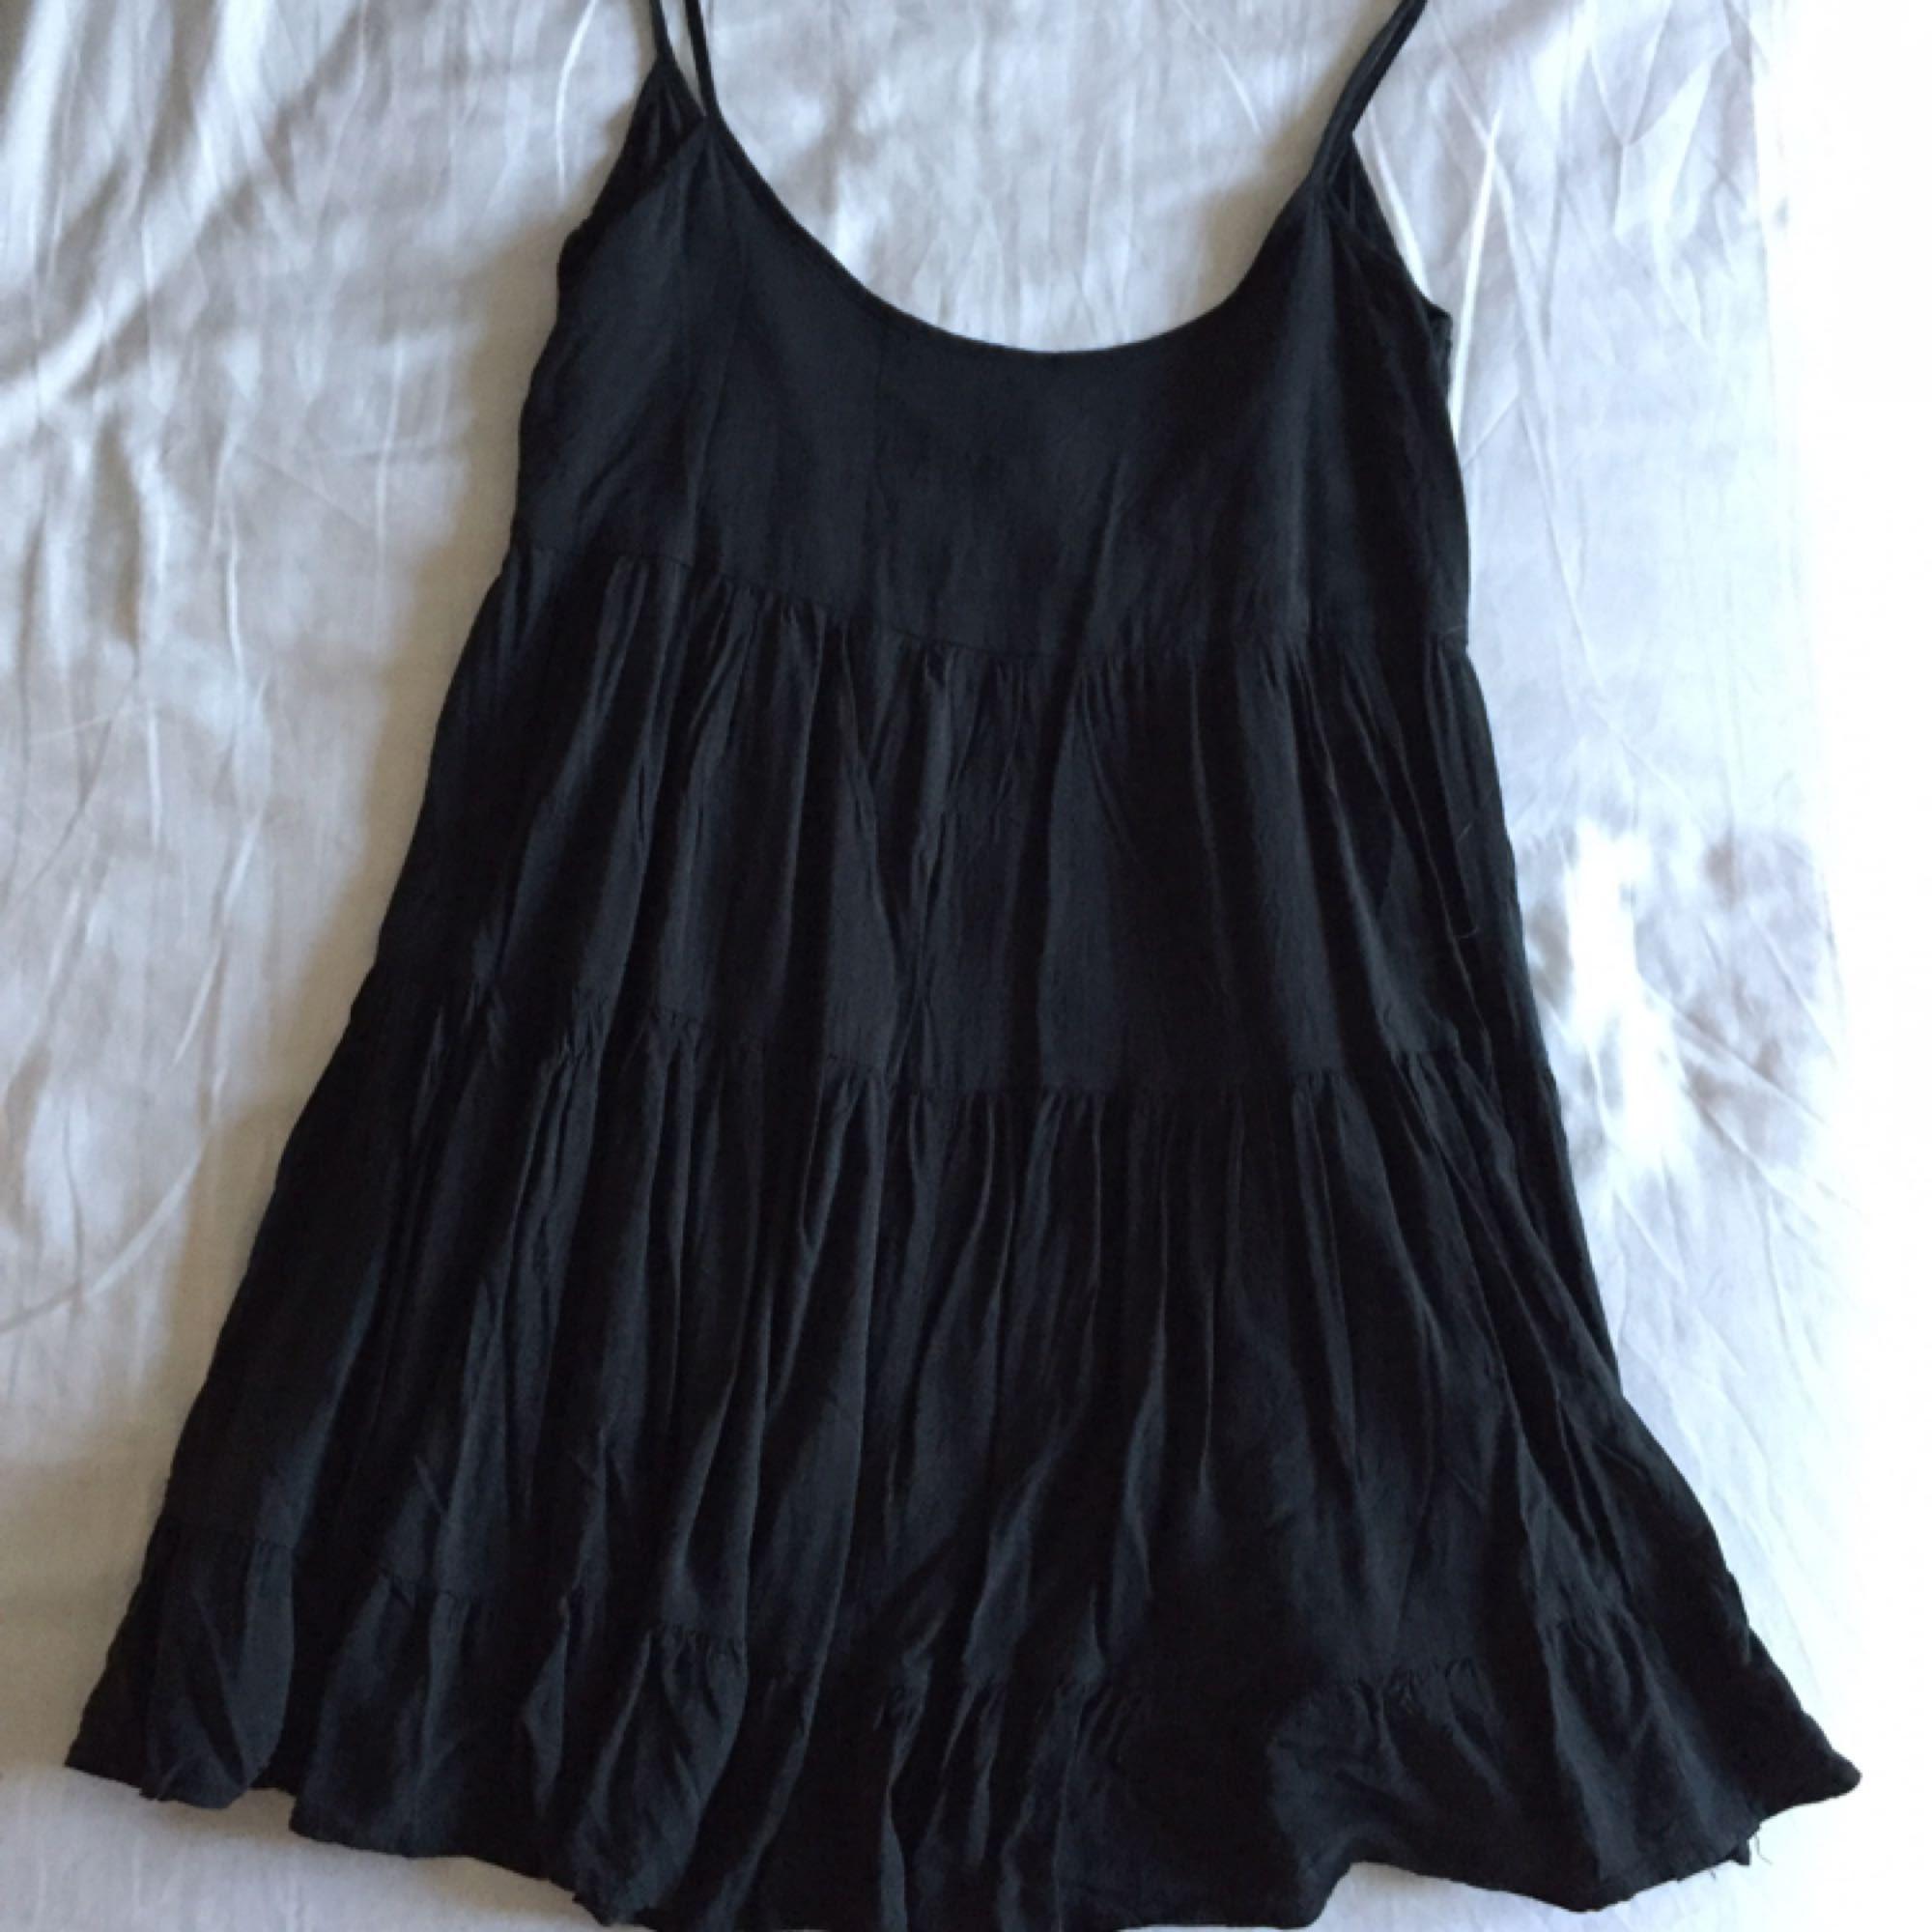 9531a3023bdf ... Mörkgrön/svart klänning med vacker djupare rygg, kort löst utsvängd  nedtill med smala axelband ...